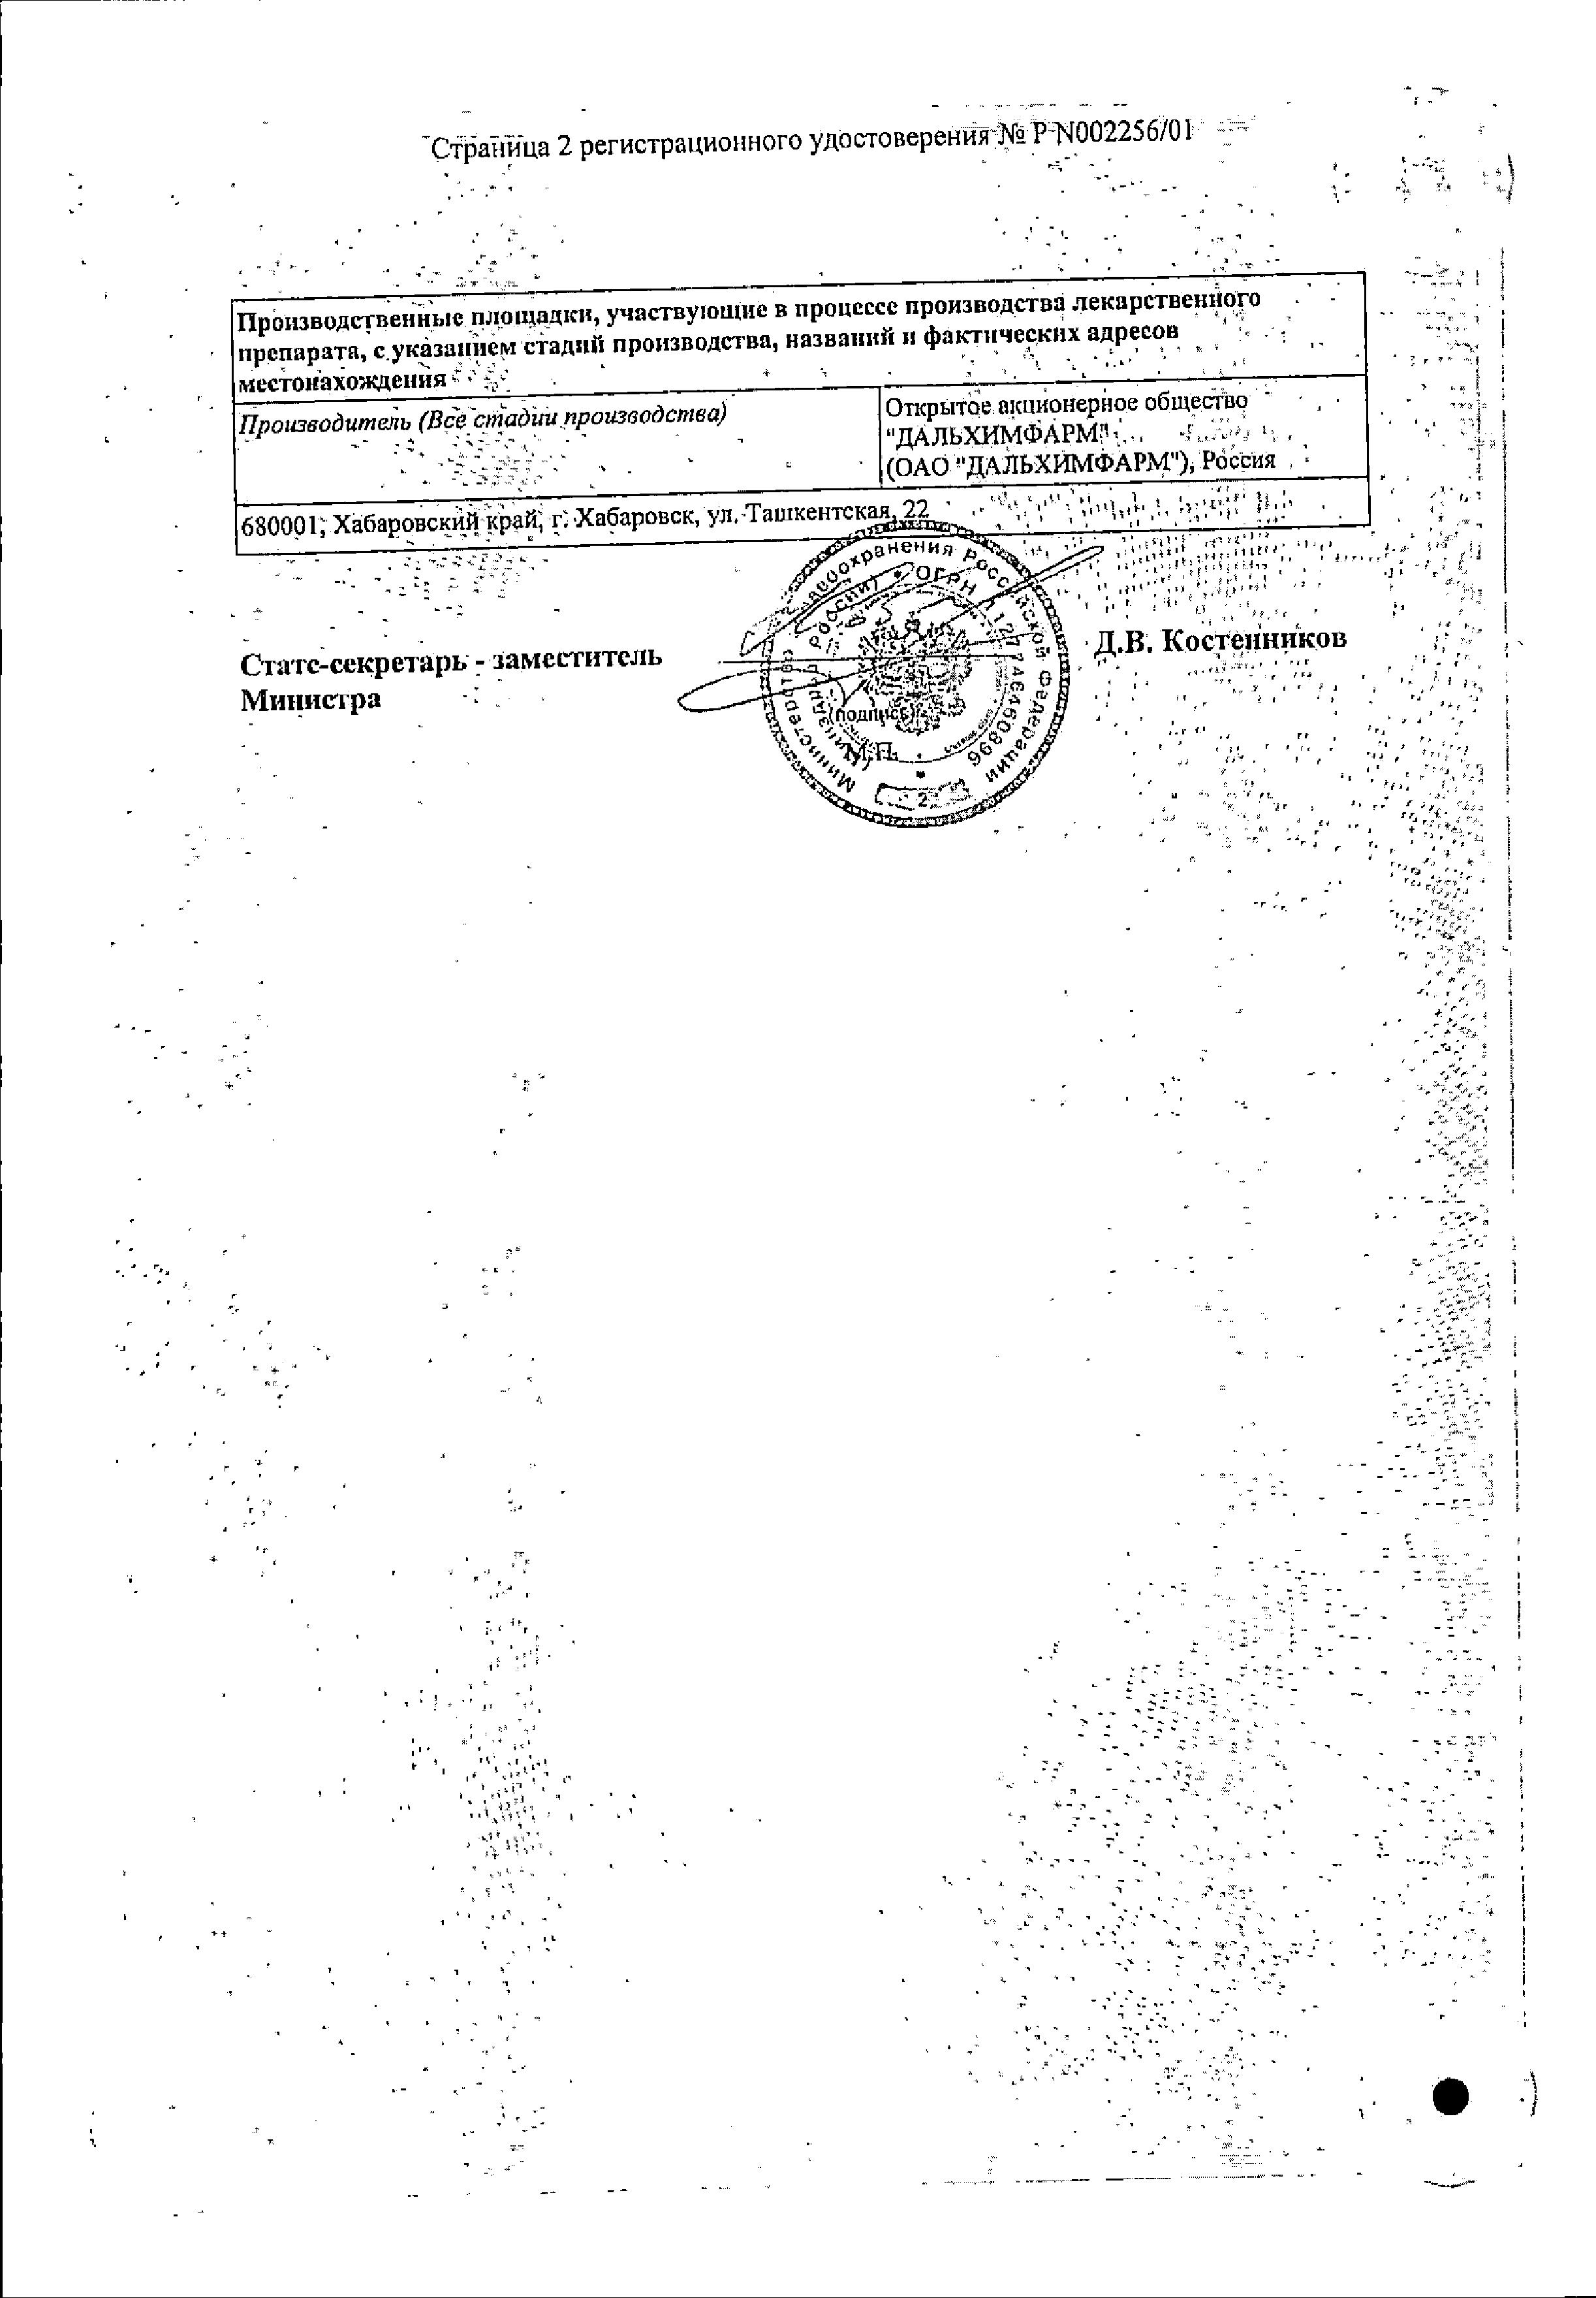 Платифиллина гидротартрат сертификат